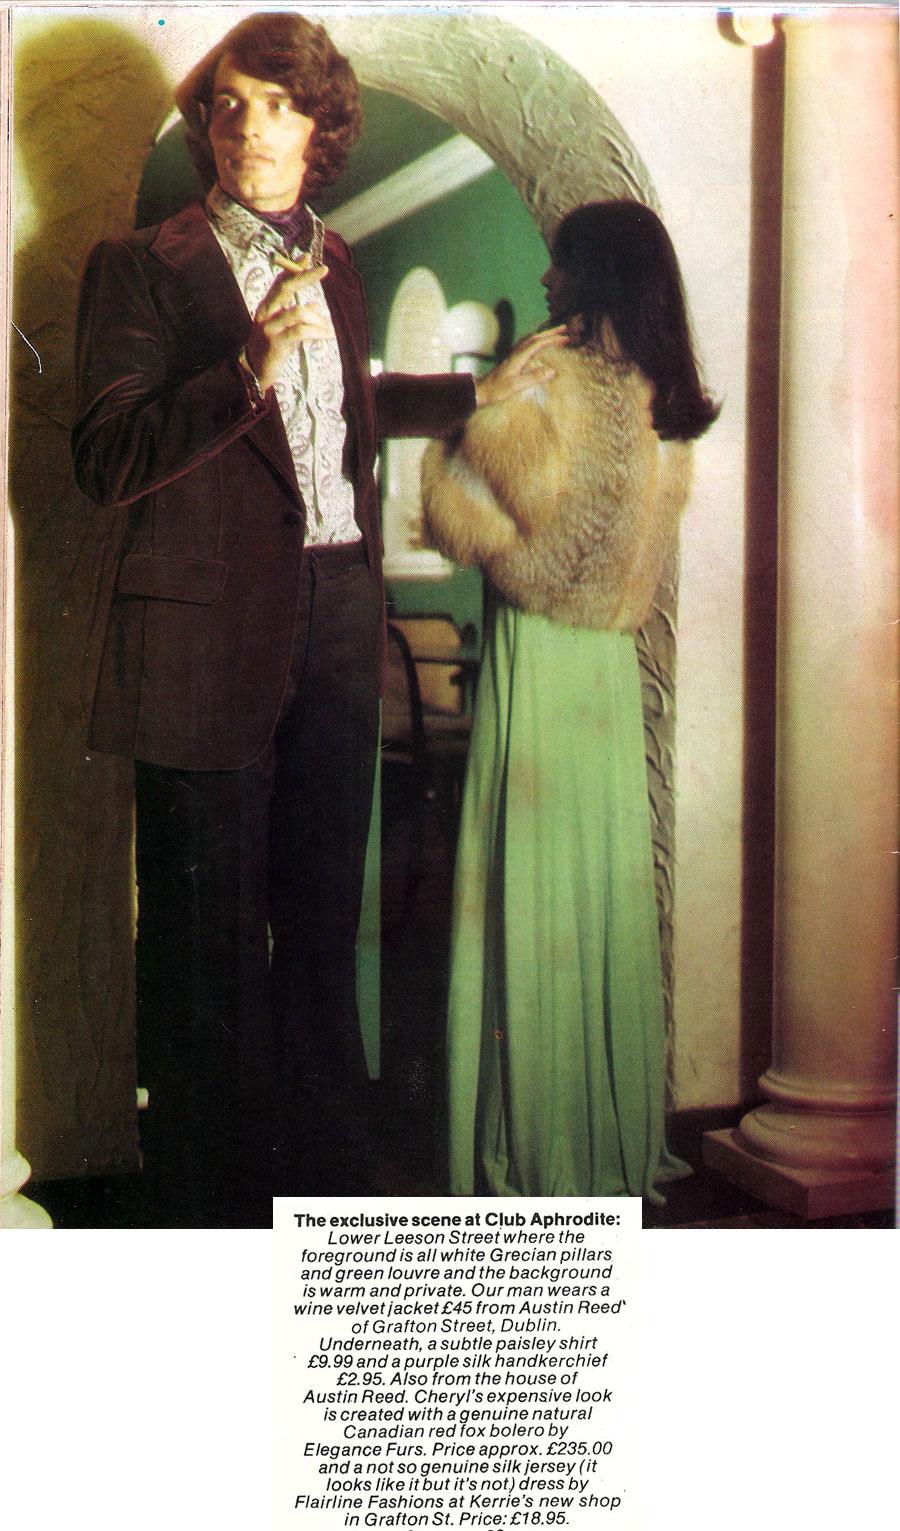 fashion aprhodite nightclub leeson st dublin 1974